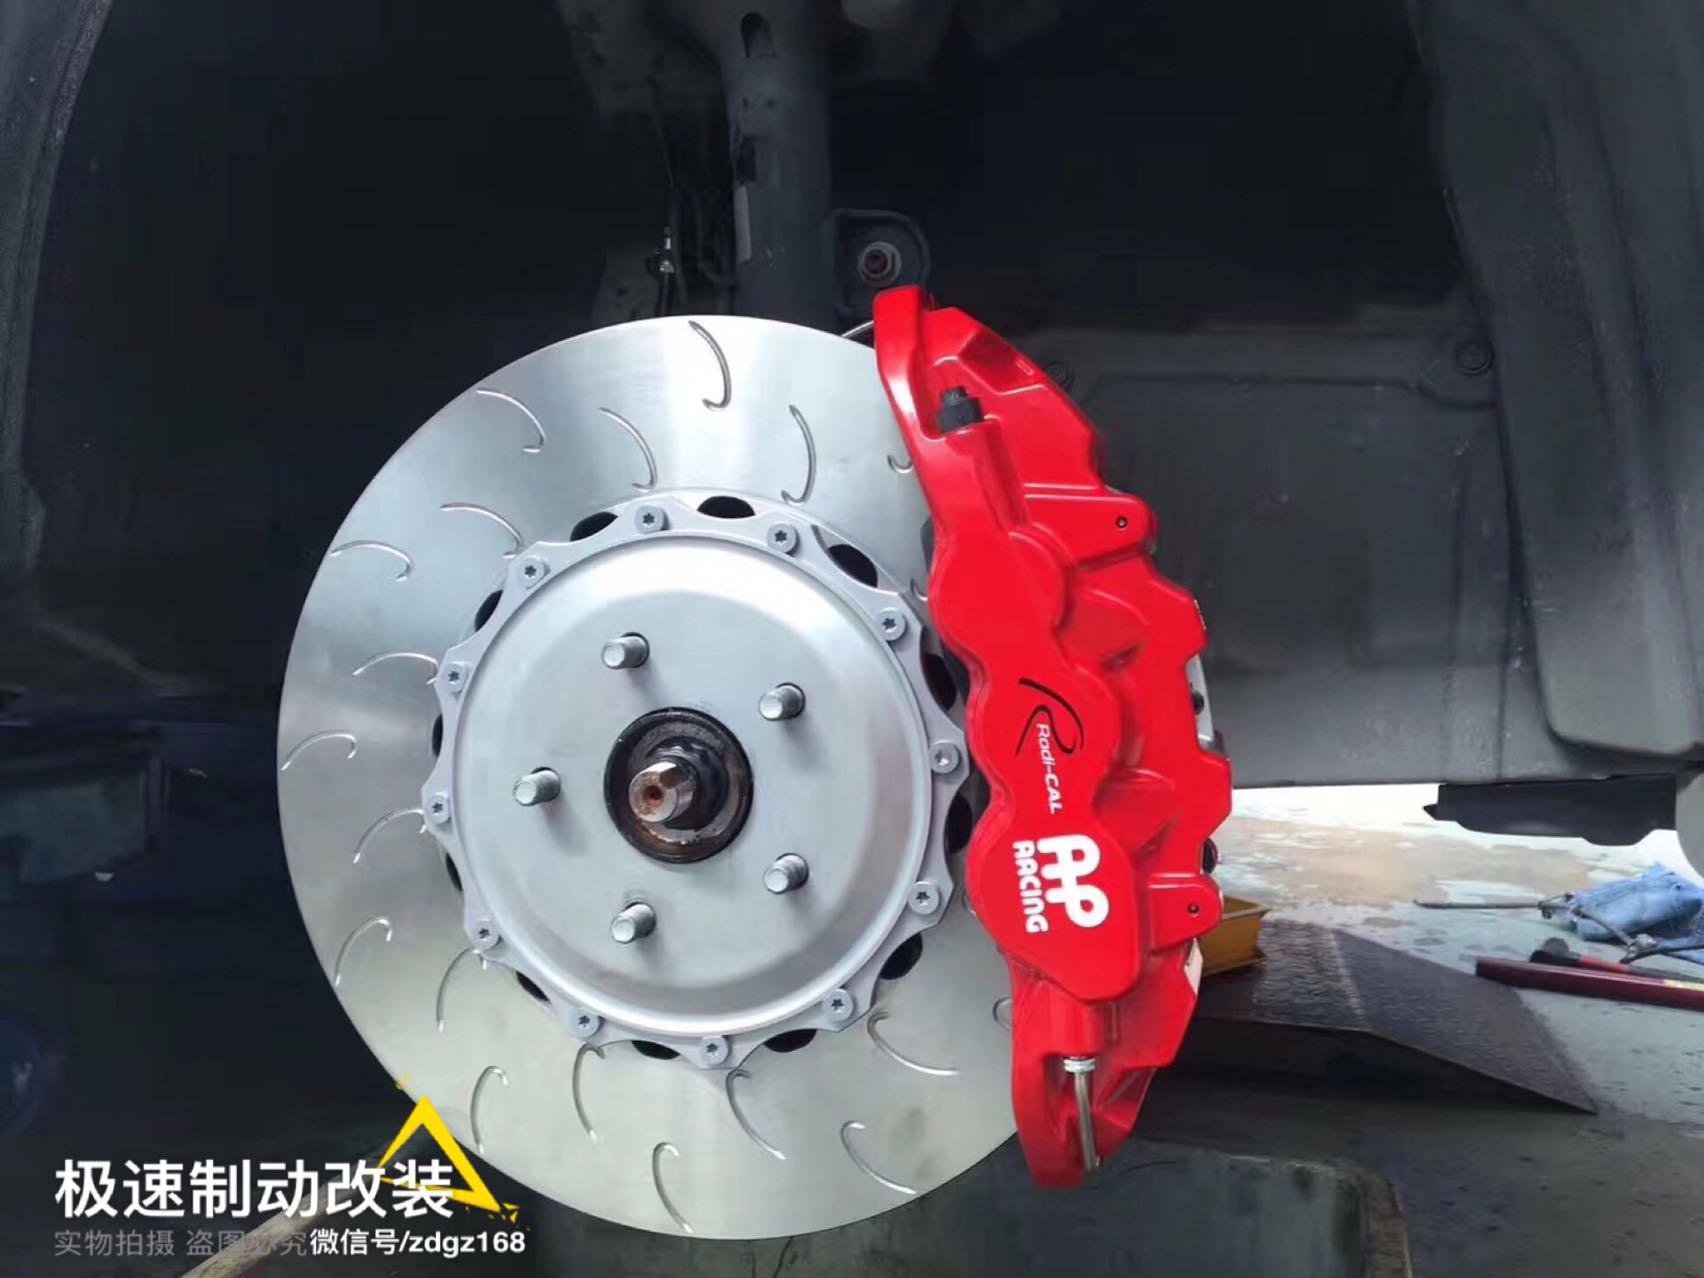 雷克萨斯NX200刹车升级前轮Ap8520六活塞刹车套件改装案例